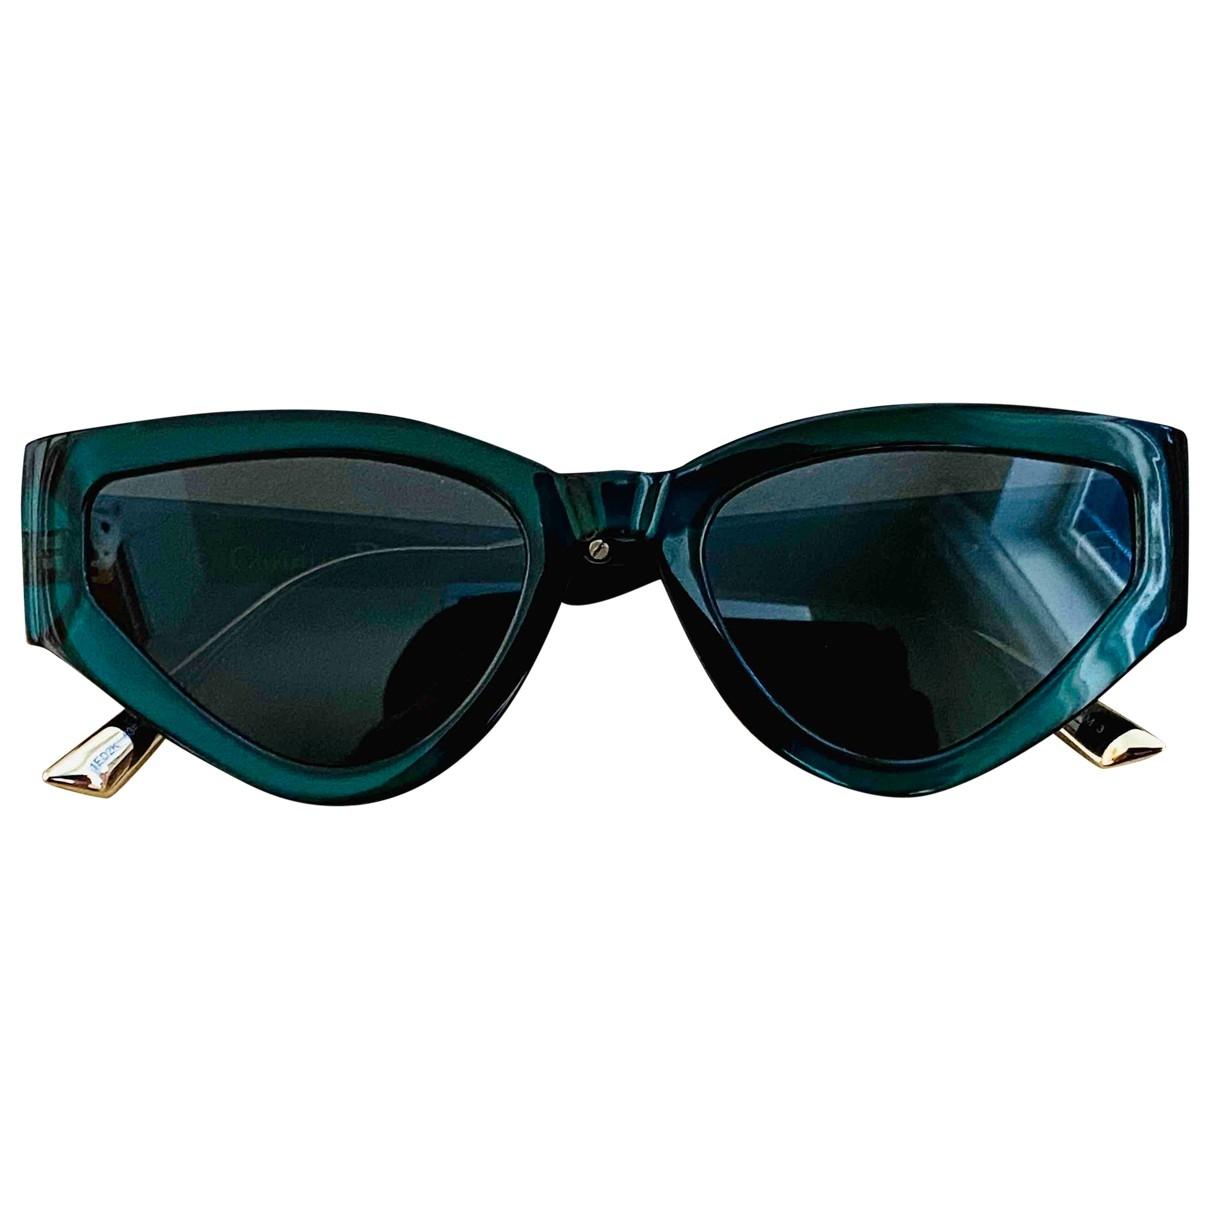 Dior - Lunettes   pour femme - vert